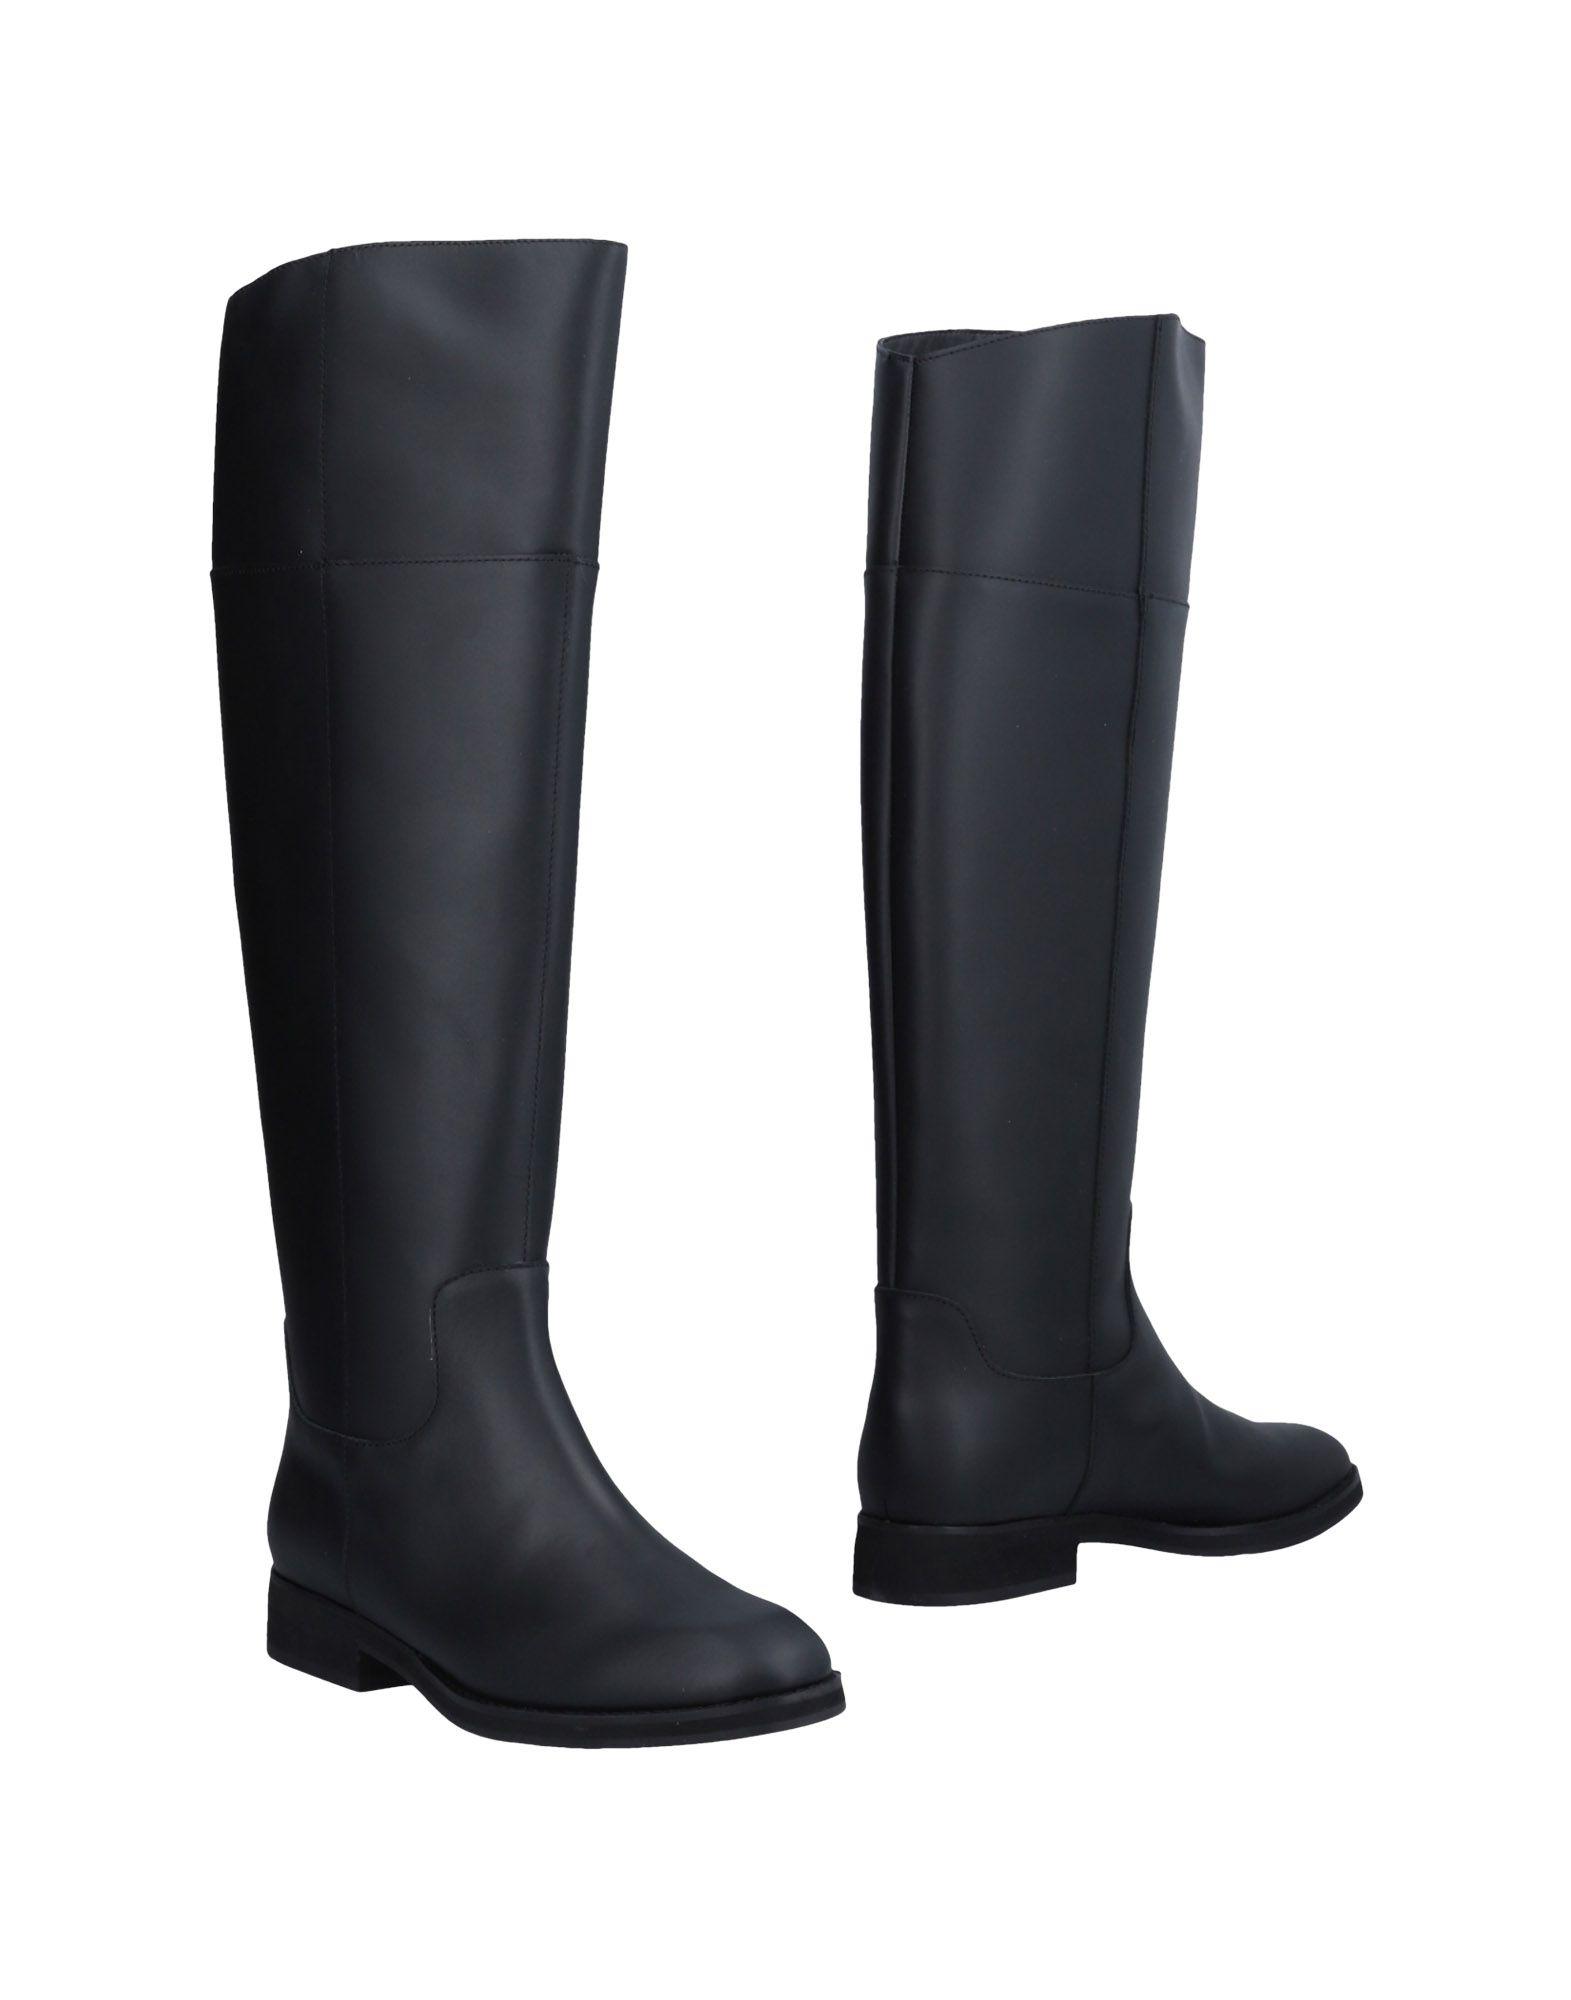 Rabatt Schuhe Jil Sander Navy Stiefel Damen Damen Damen  11490992XX 0d8b77